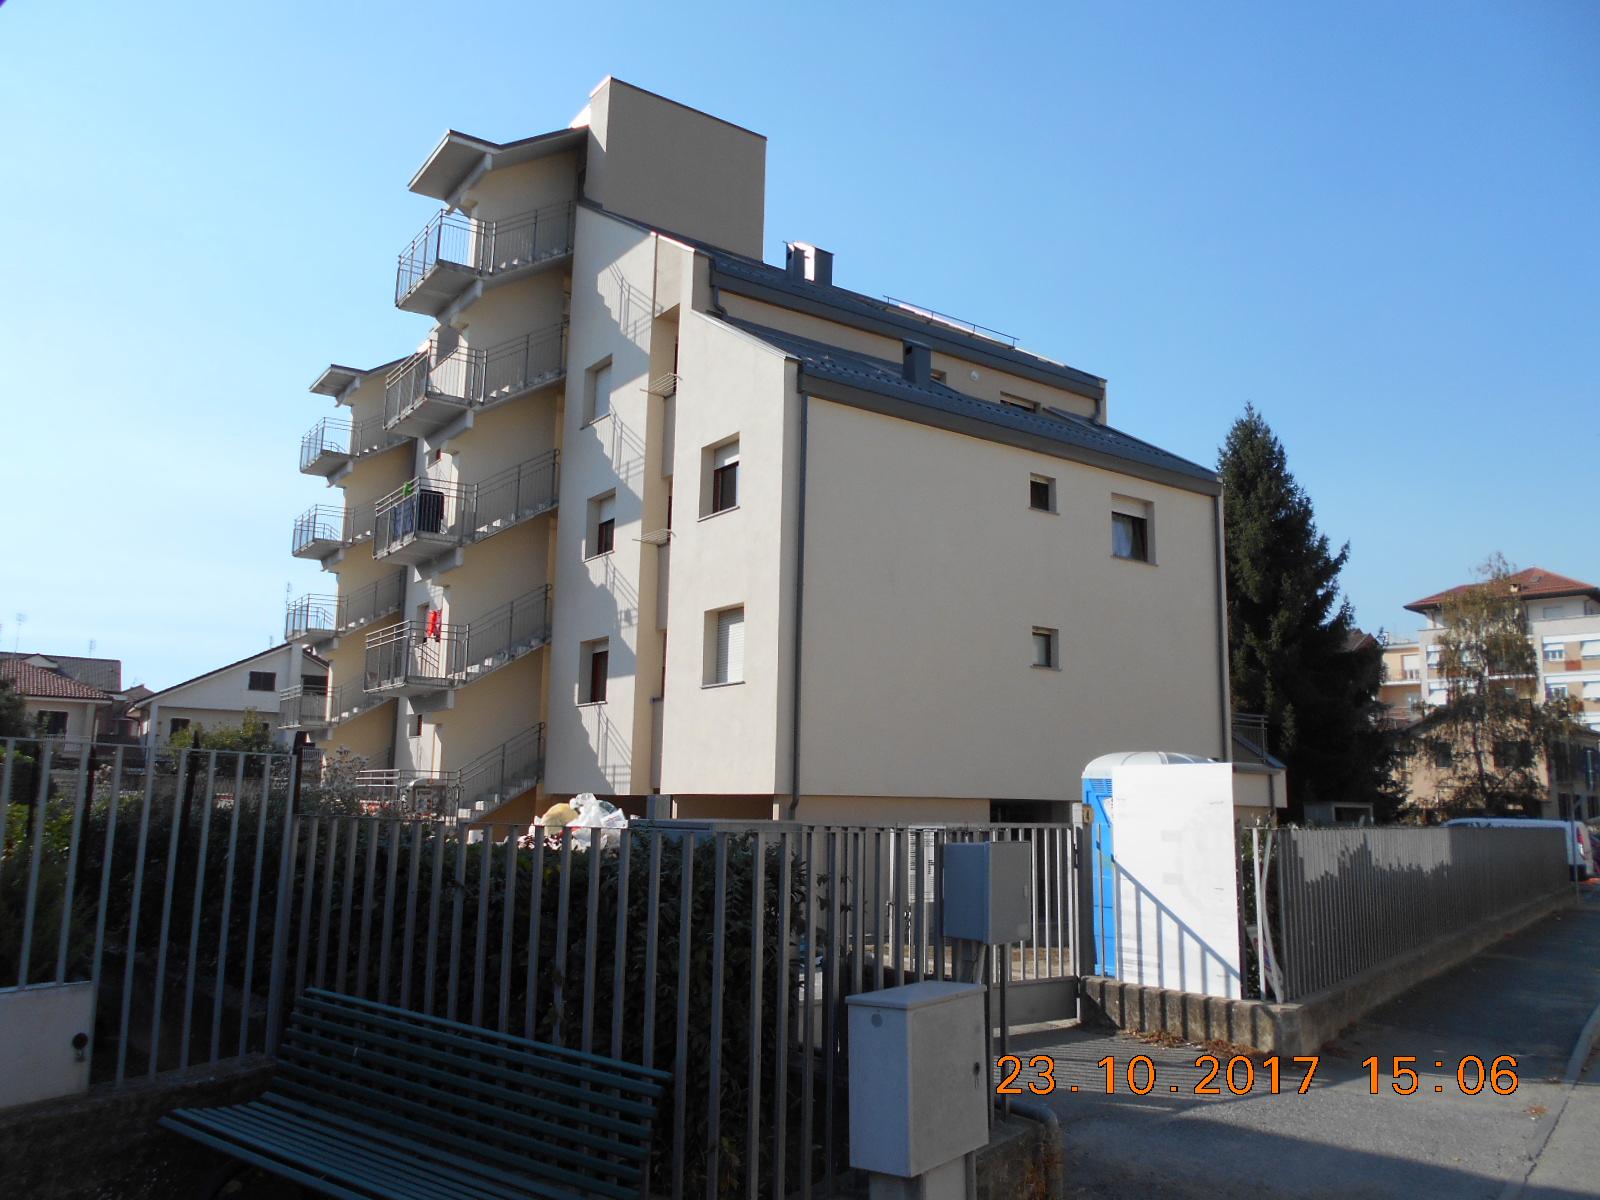 Borgo Pieve